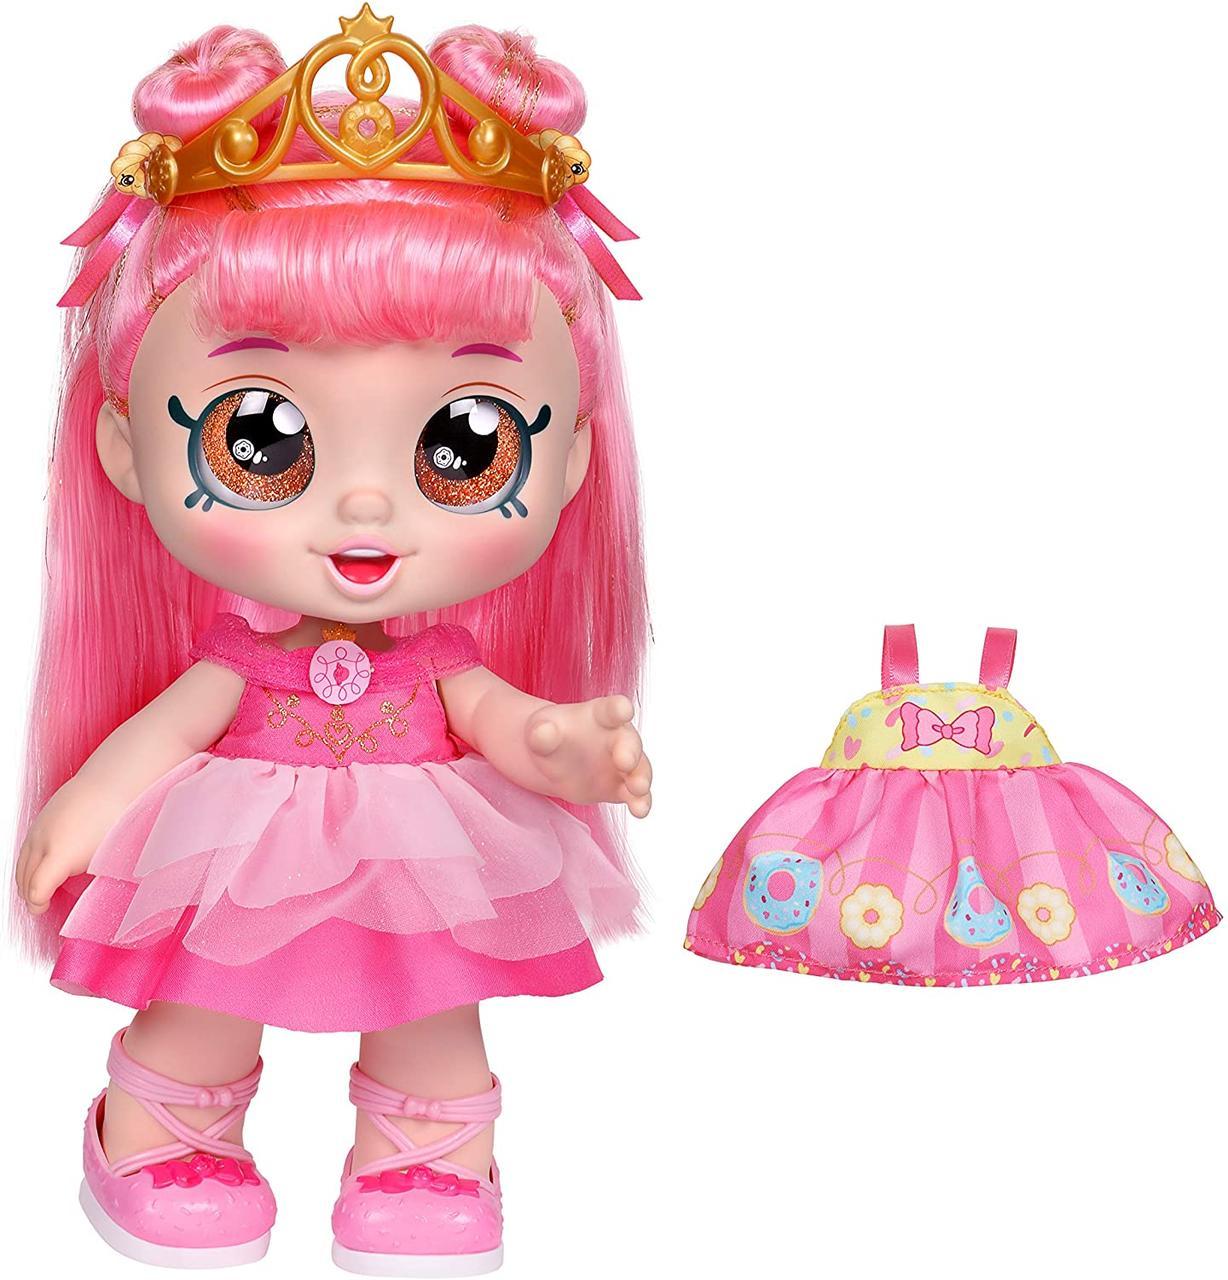 Кукла Кинди Кидс Донатина из серии Наряжай друга Kindi Kids Dress Up Friends Donatina Princess